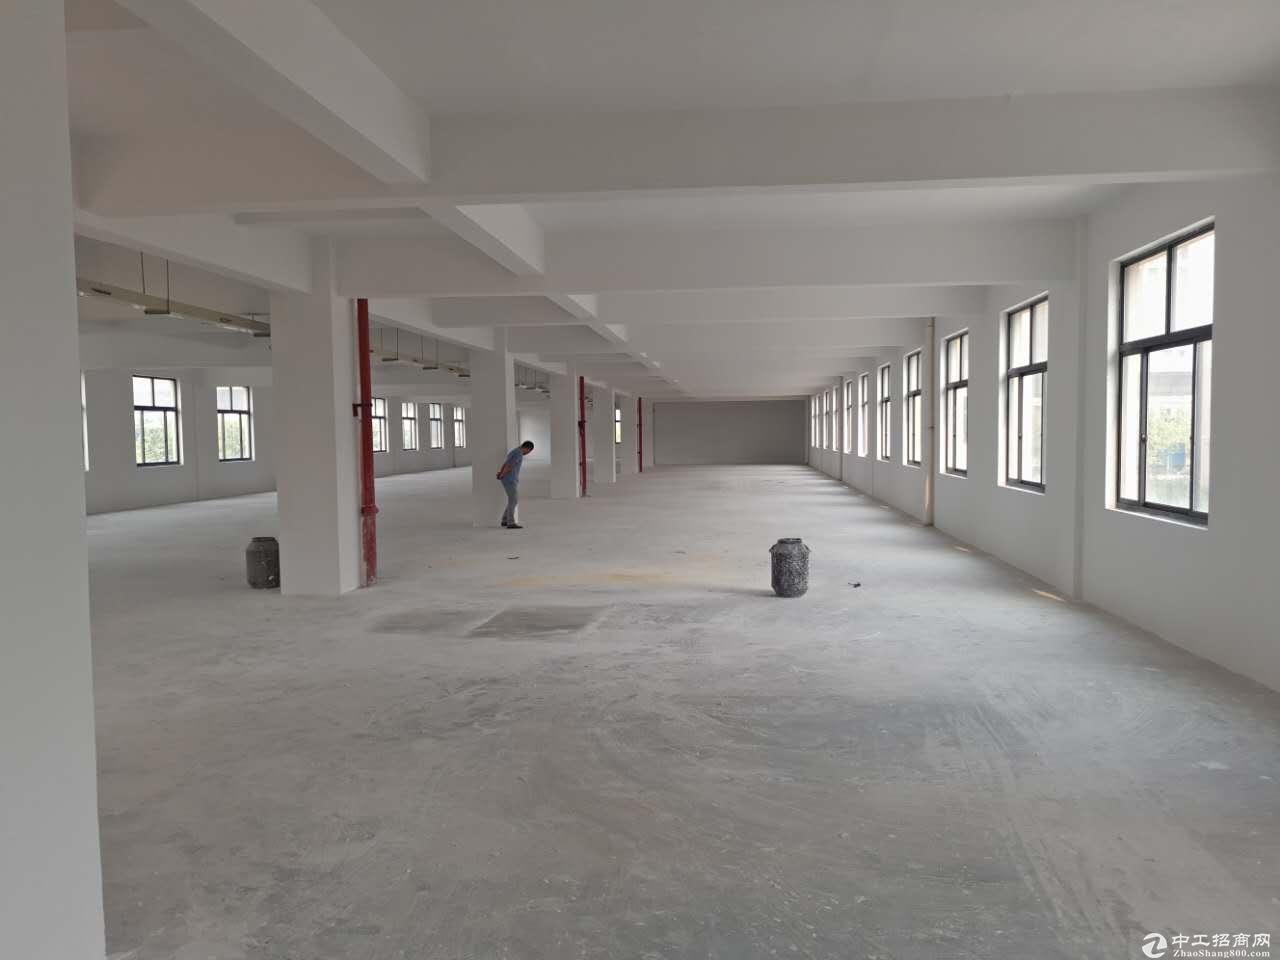 整层3000方厂房出租,适合仓储办公、淘宝、服装,加工等